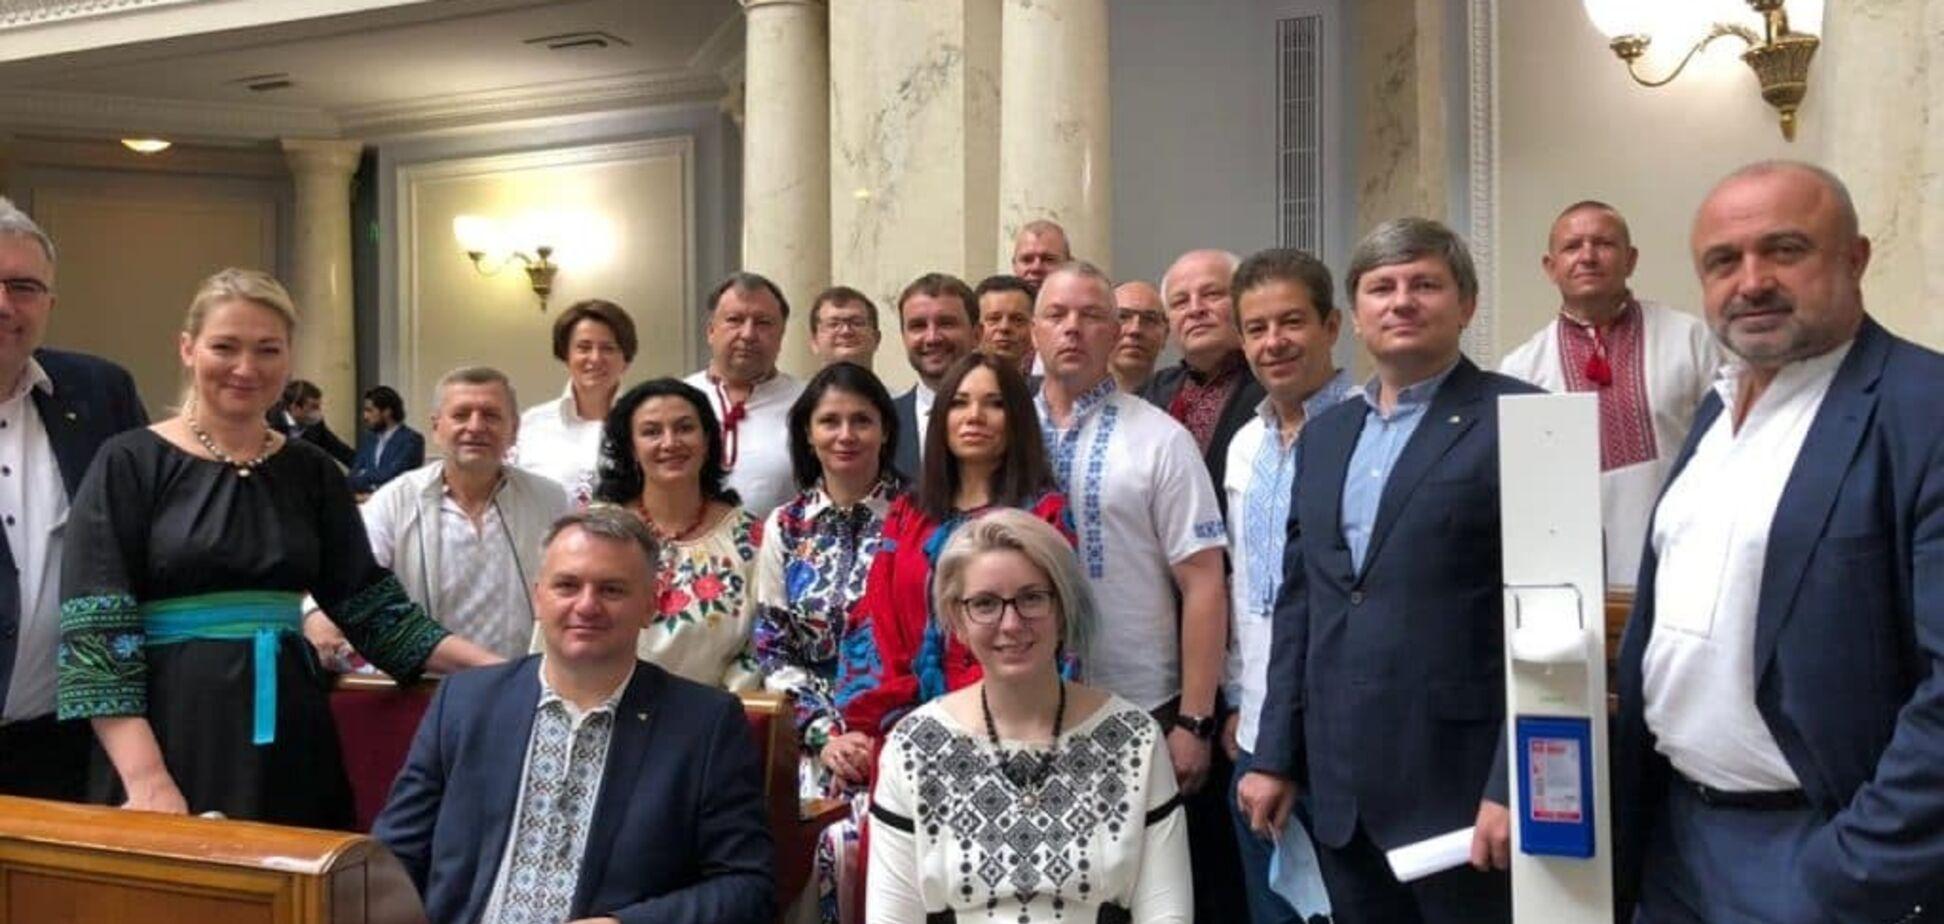 'Евросолидарность' вместе с коллегами по оппозиции зарегистрировала законопроект о деолигархизации и очистке власти от коррупции